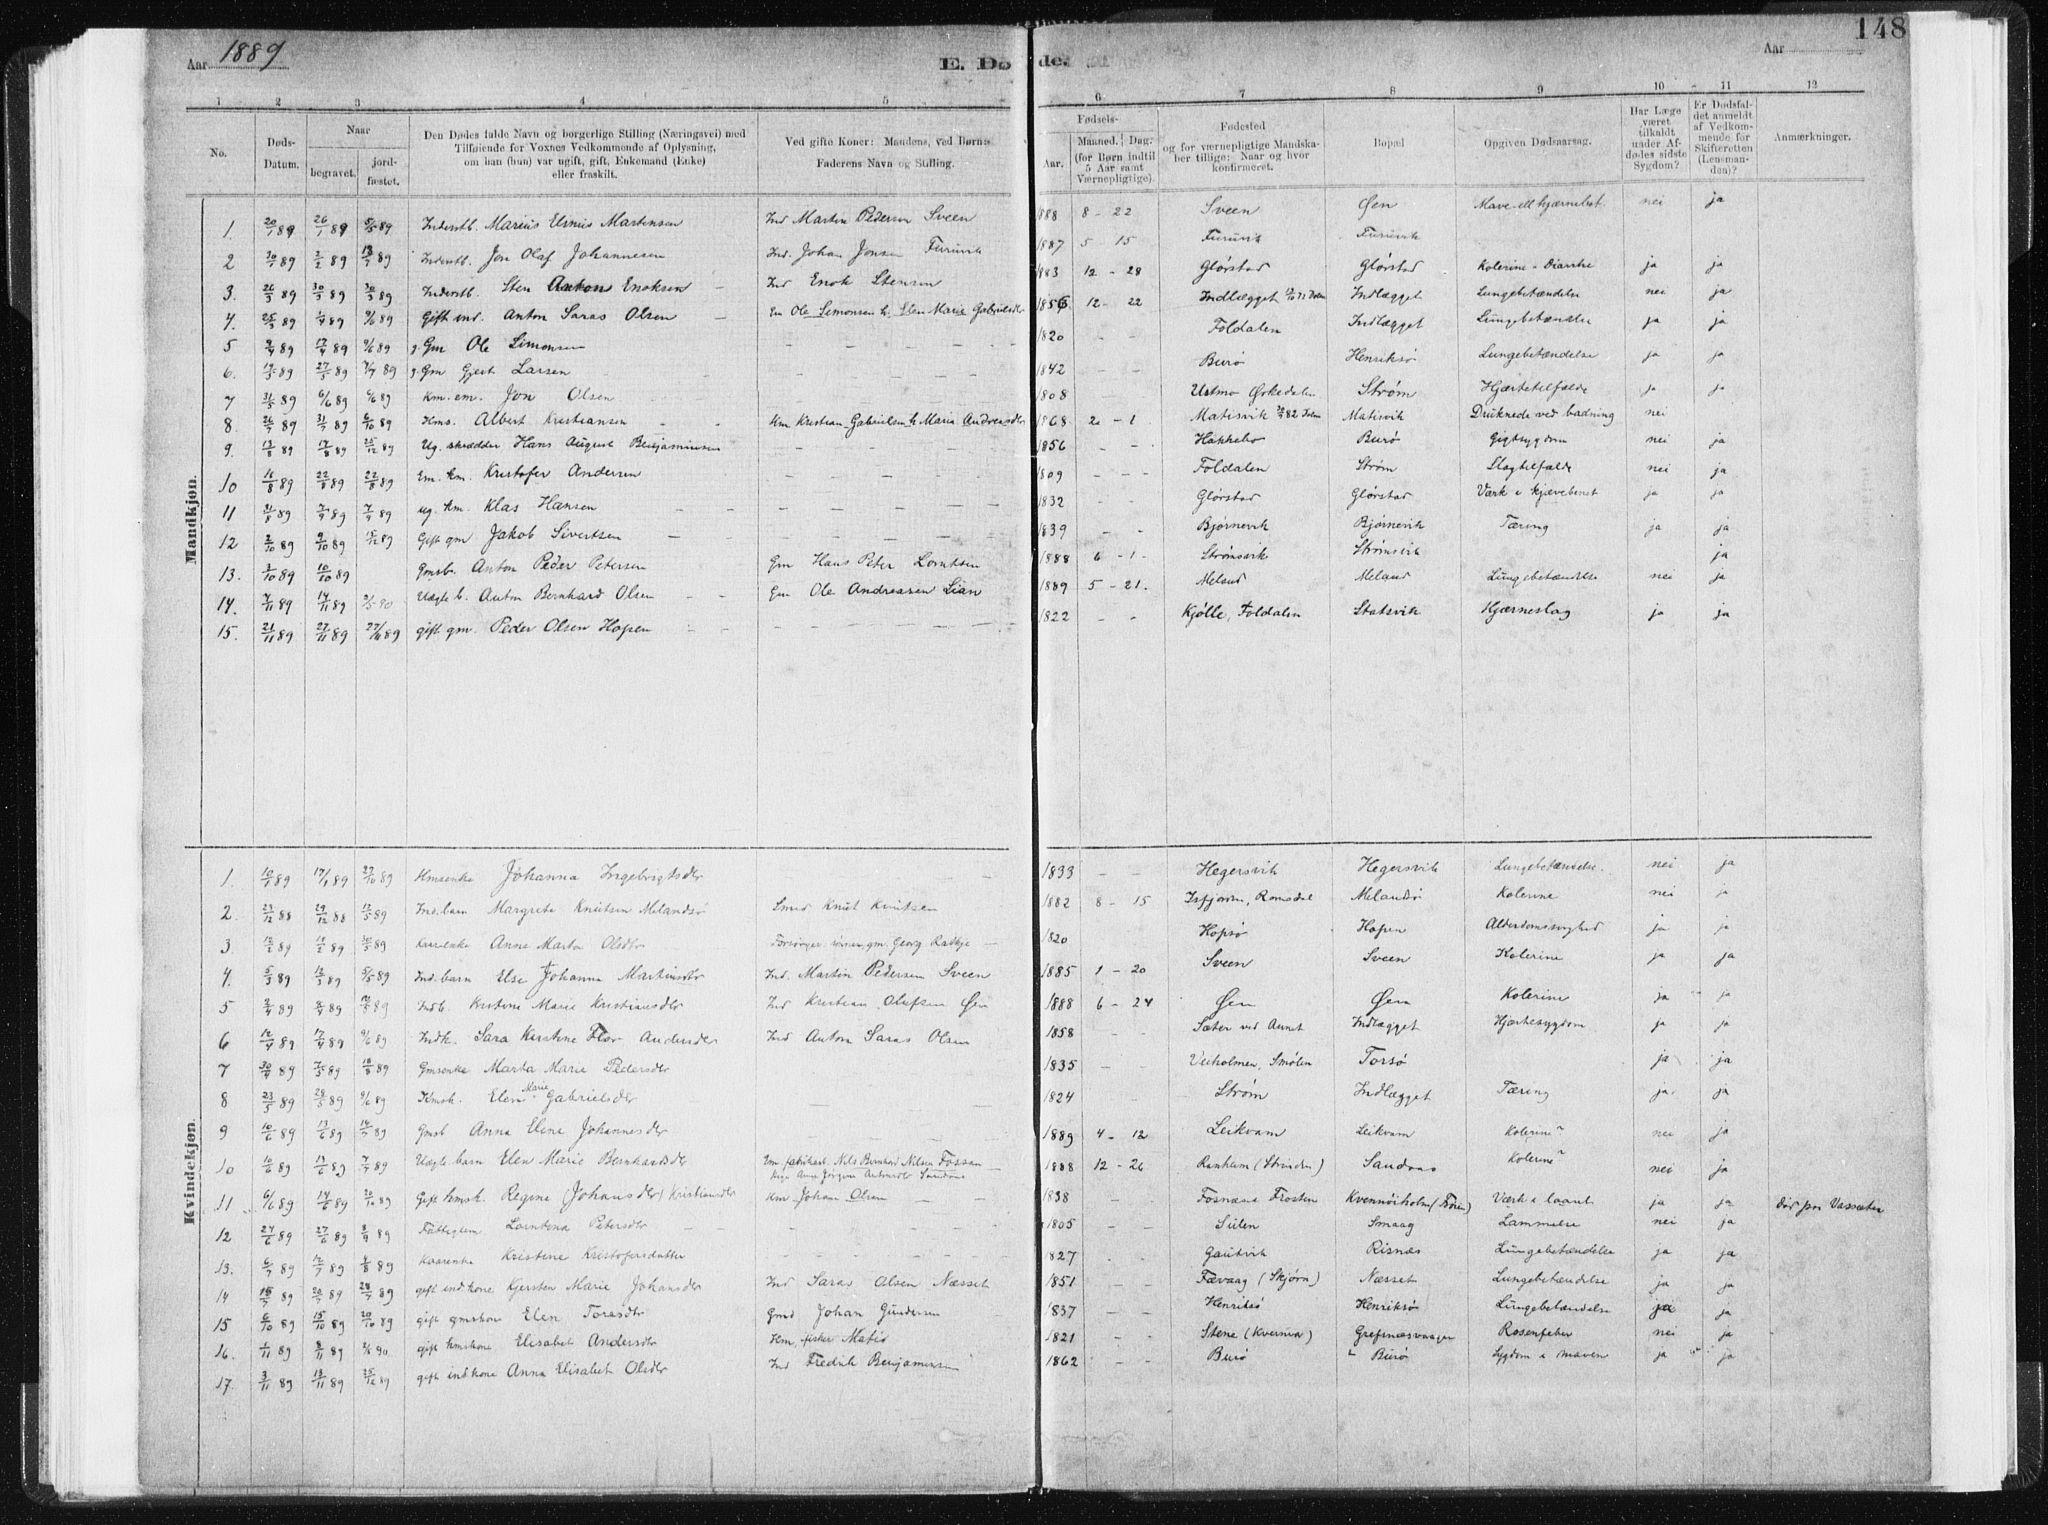 SAT, Ministerialprotokoller, klokkerbøker og fødselsregistre - Sør-Trøndelag, 634/L0533: Ministerialbok nr. 634A09, 1882-1901, s. 148